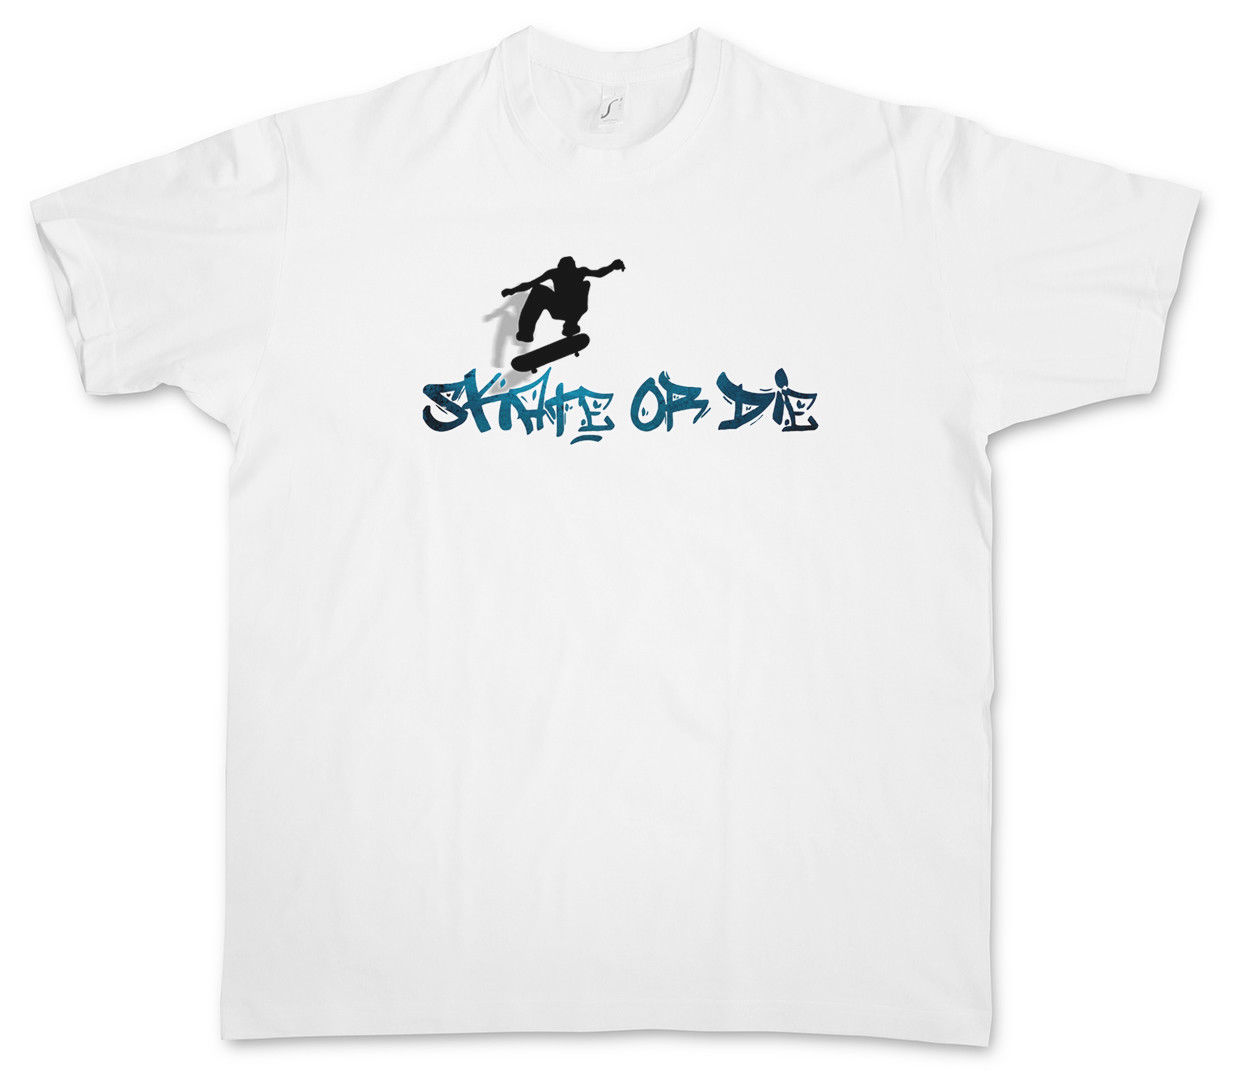 Printed Tee Shirts Short Sleeve SKATE OR DIE T-SHIRT - Skateboard Skater Kickflip Halfpipe SK8 Bones Acid Game